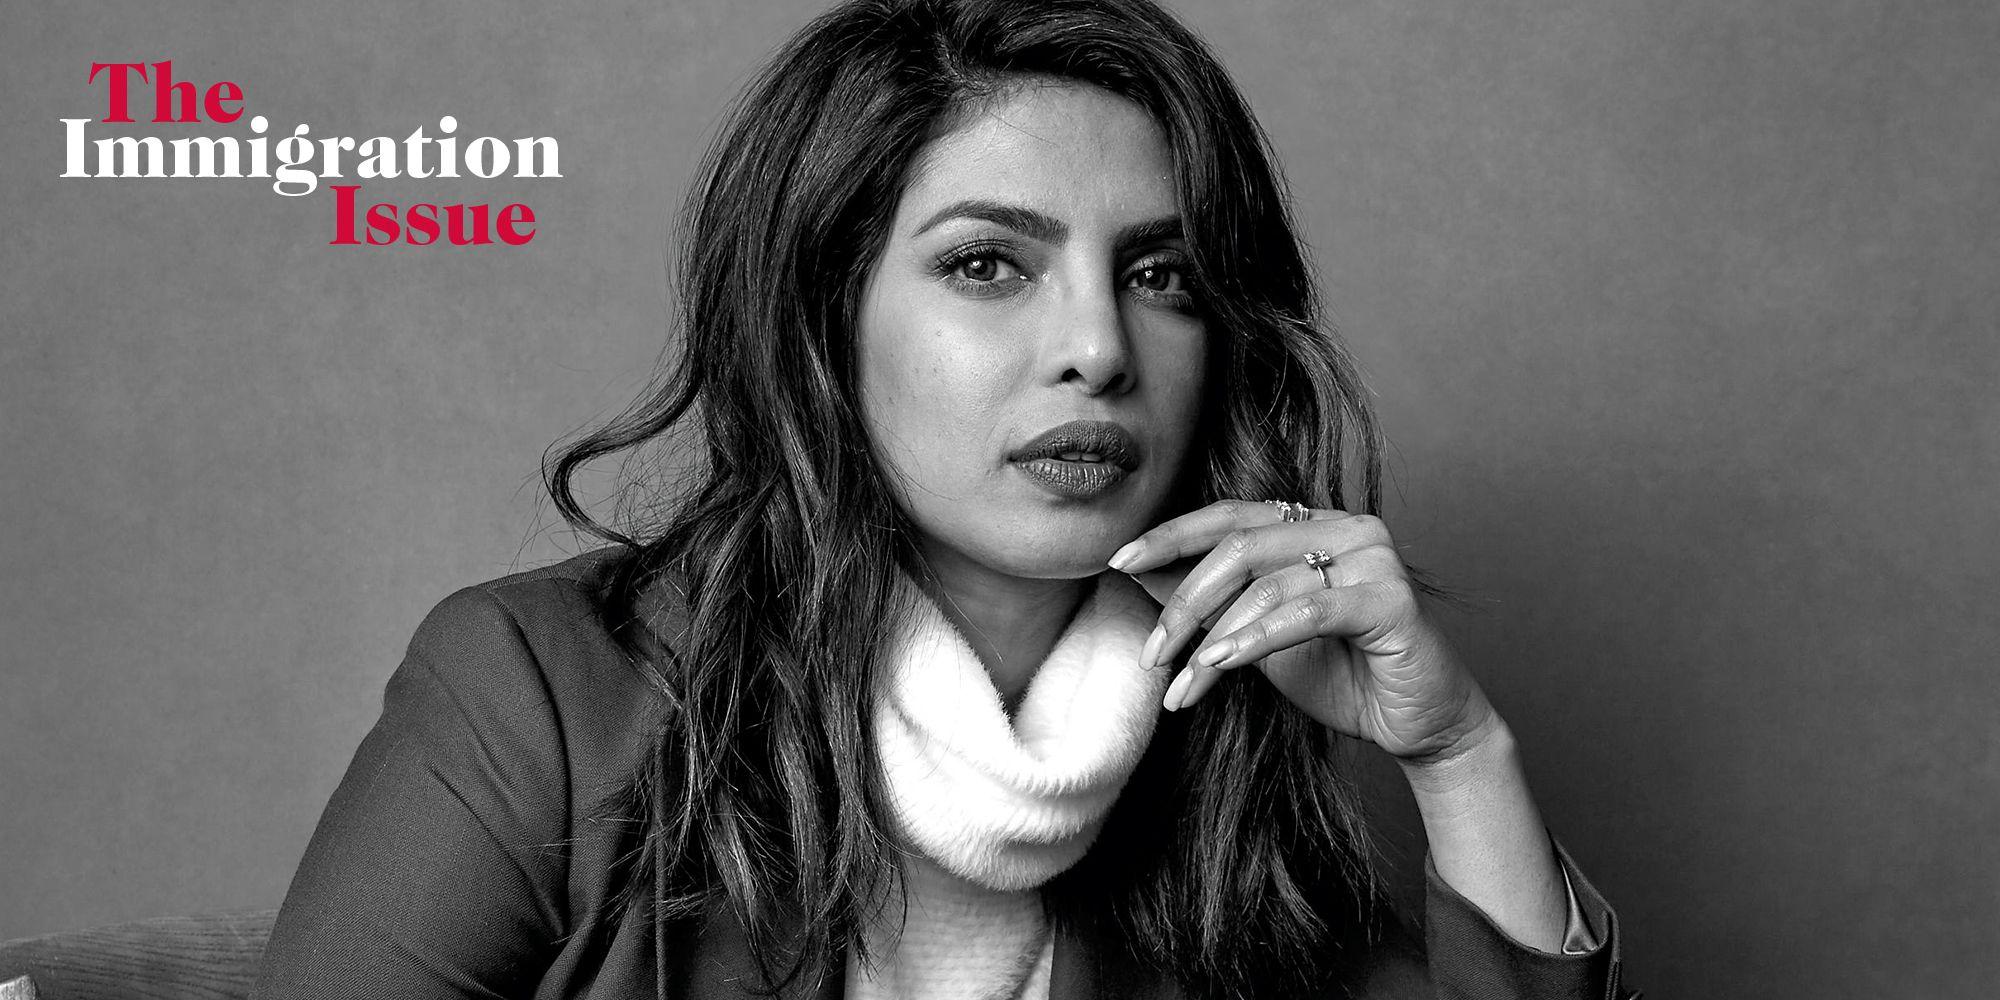 Priyanka Chopra on Being a Working Immigrant